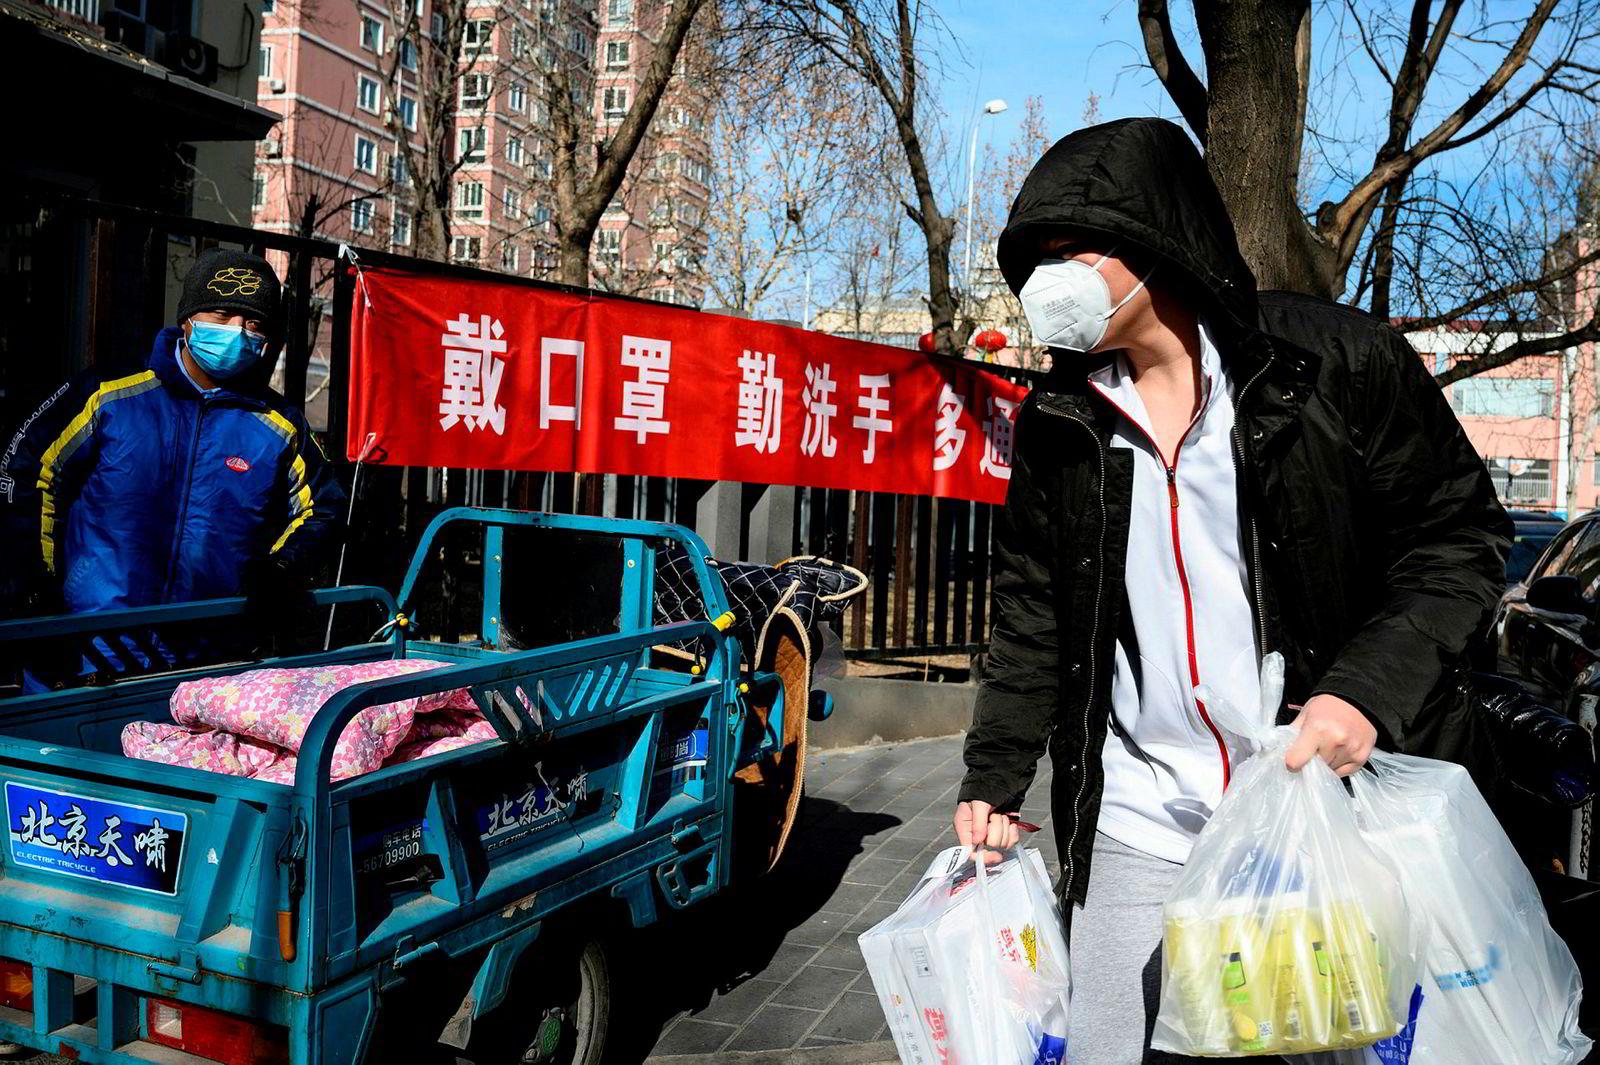 De kinesiske markedene forsøker å gjenåpne etter å ha holdt stengt. Kinesiske fabrikker vil holde stengt i deler av februar. Antall smittede fra det nye coronaviruset (Wuhan-viruset) har økt kraftig de siste dagene. Her fra hovedstaden Beijing.